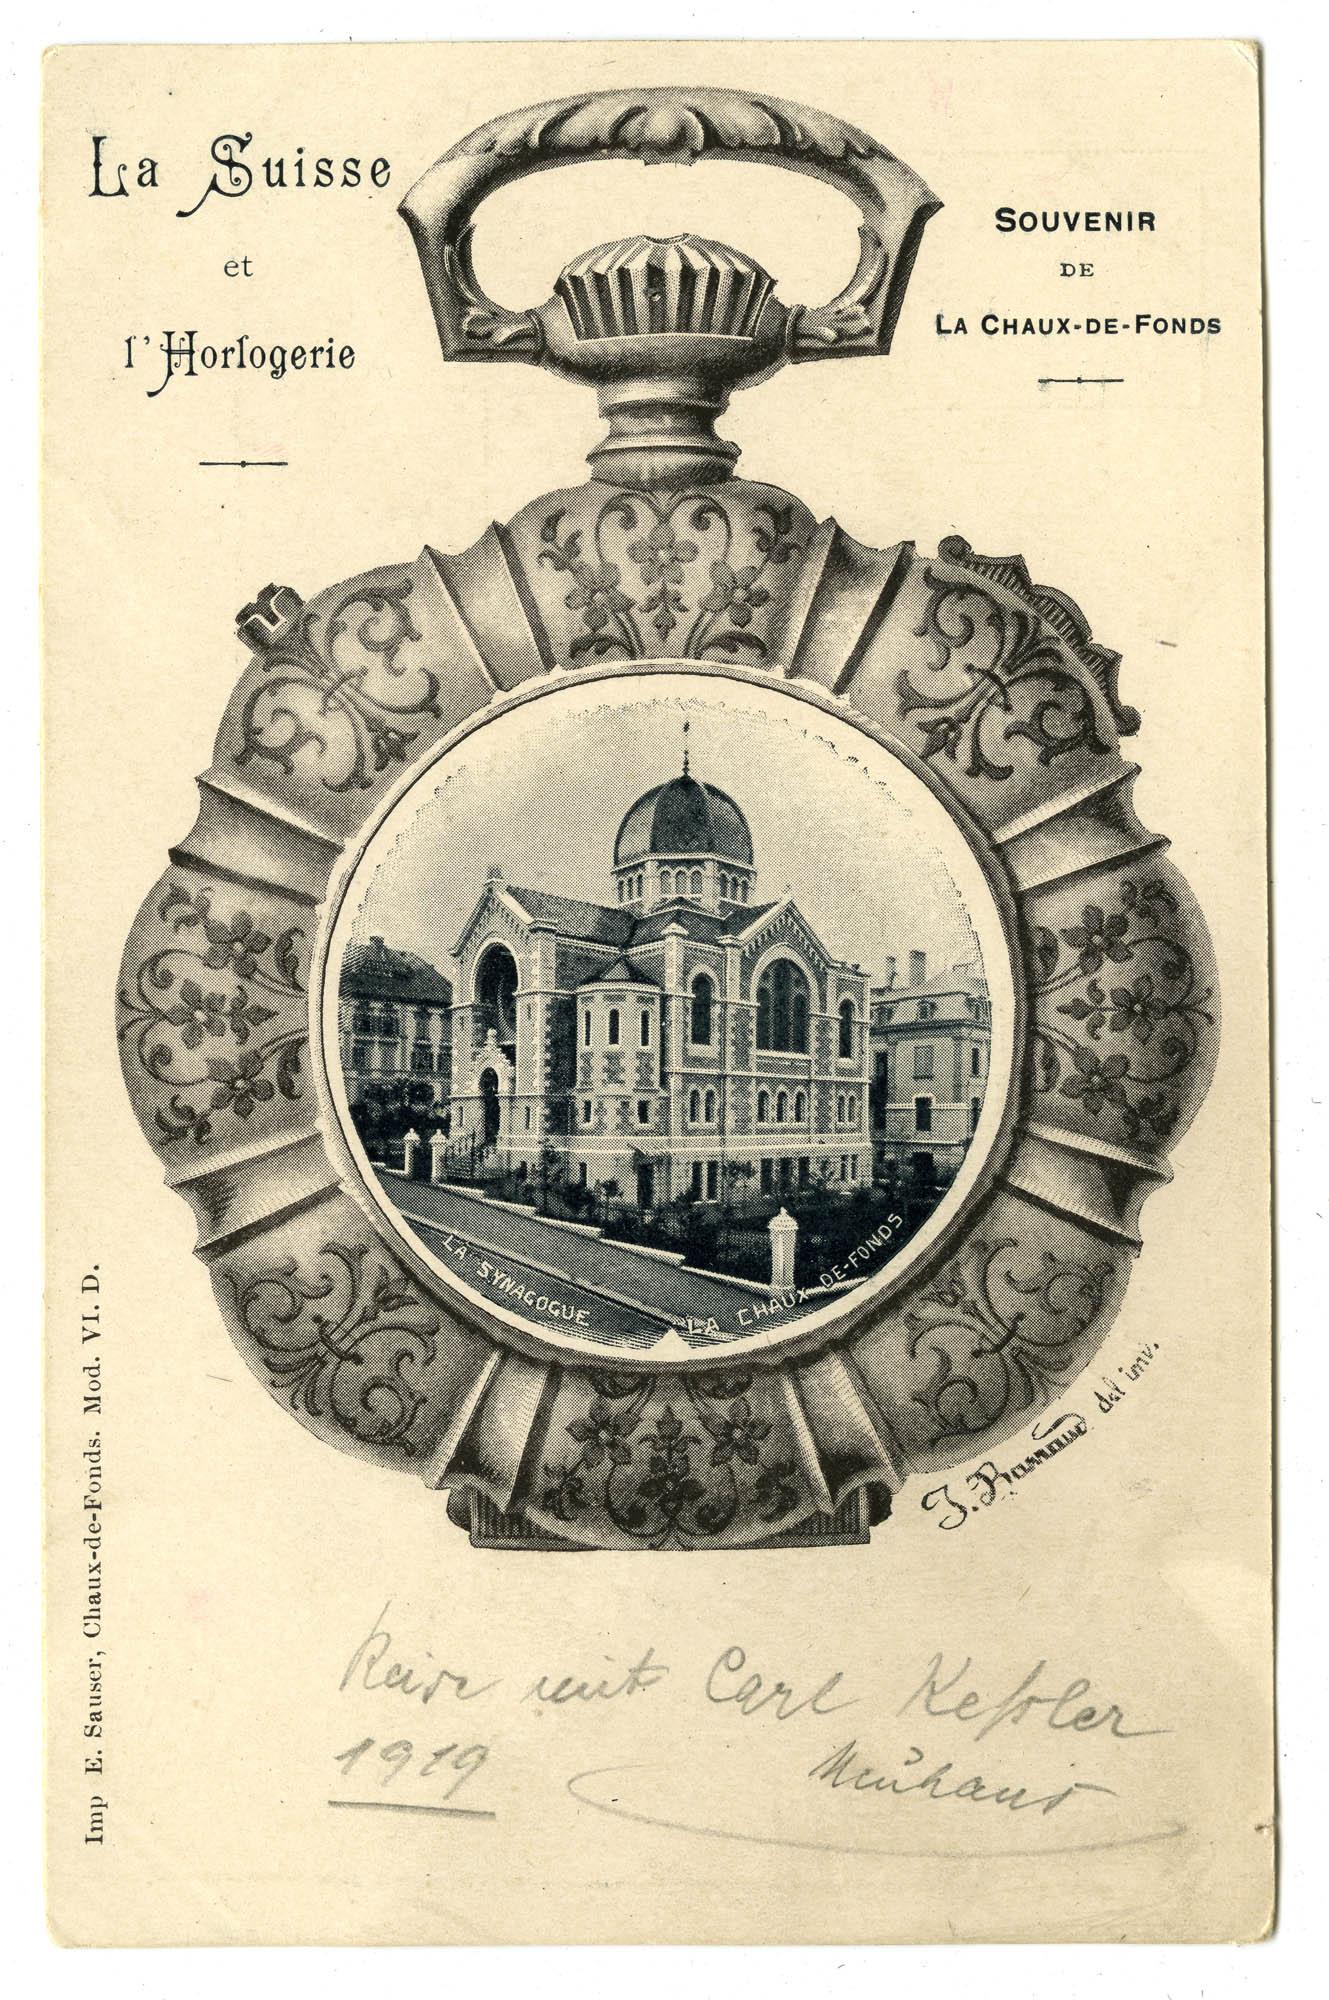 La Synagogue, La Chaux-de-Fonds